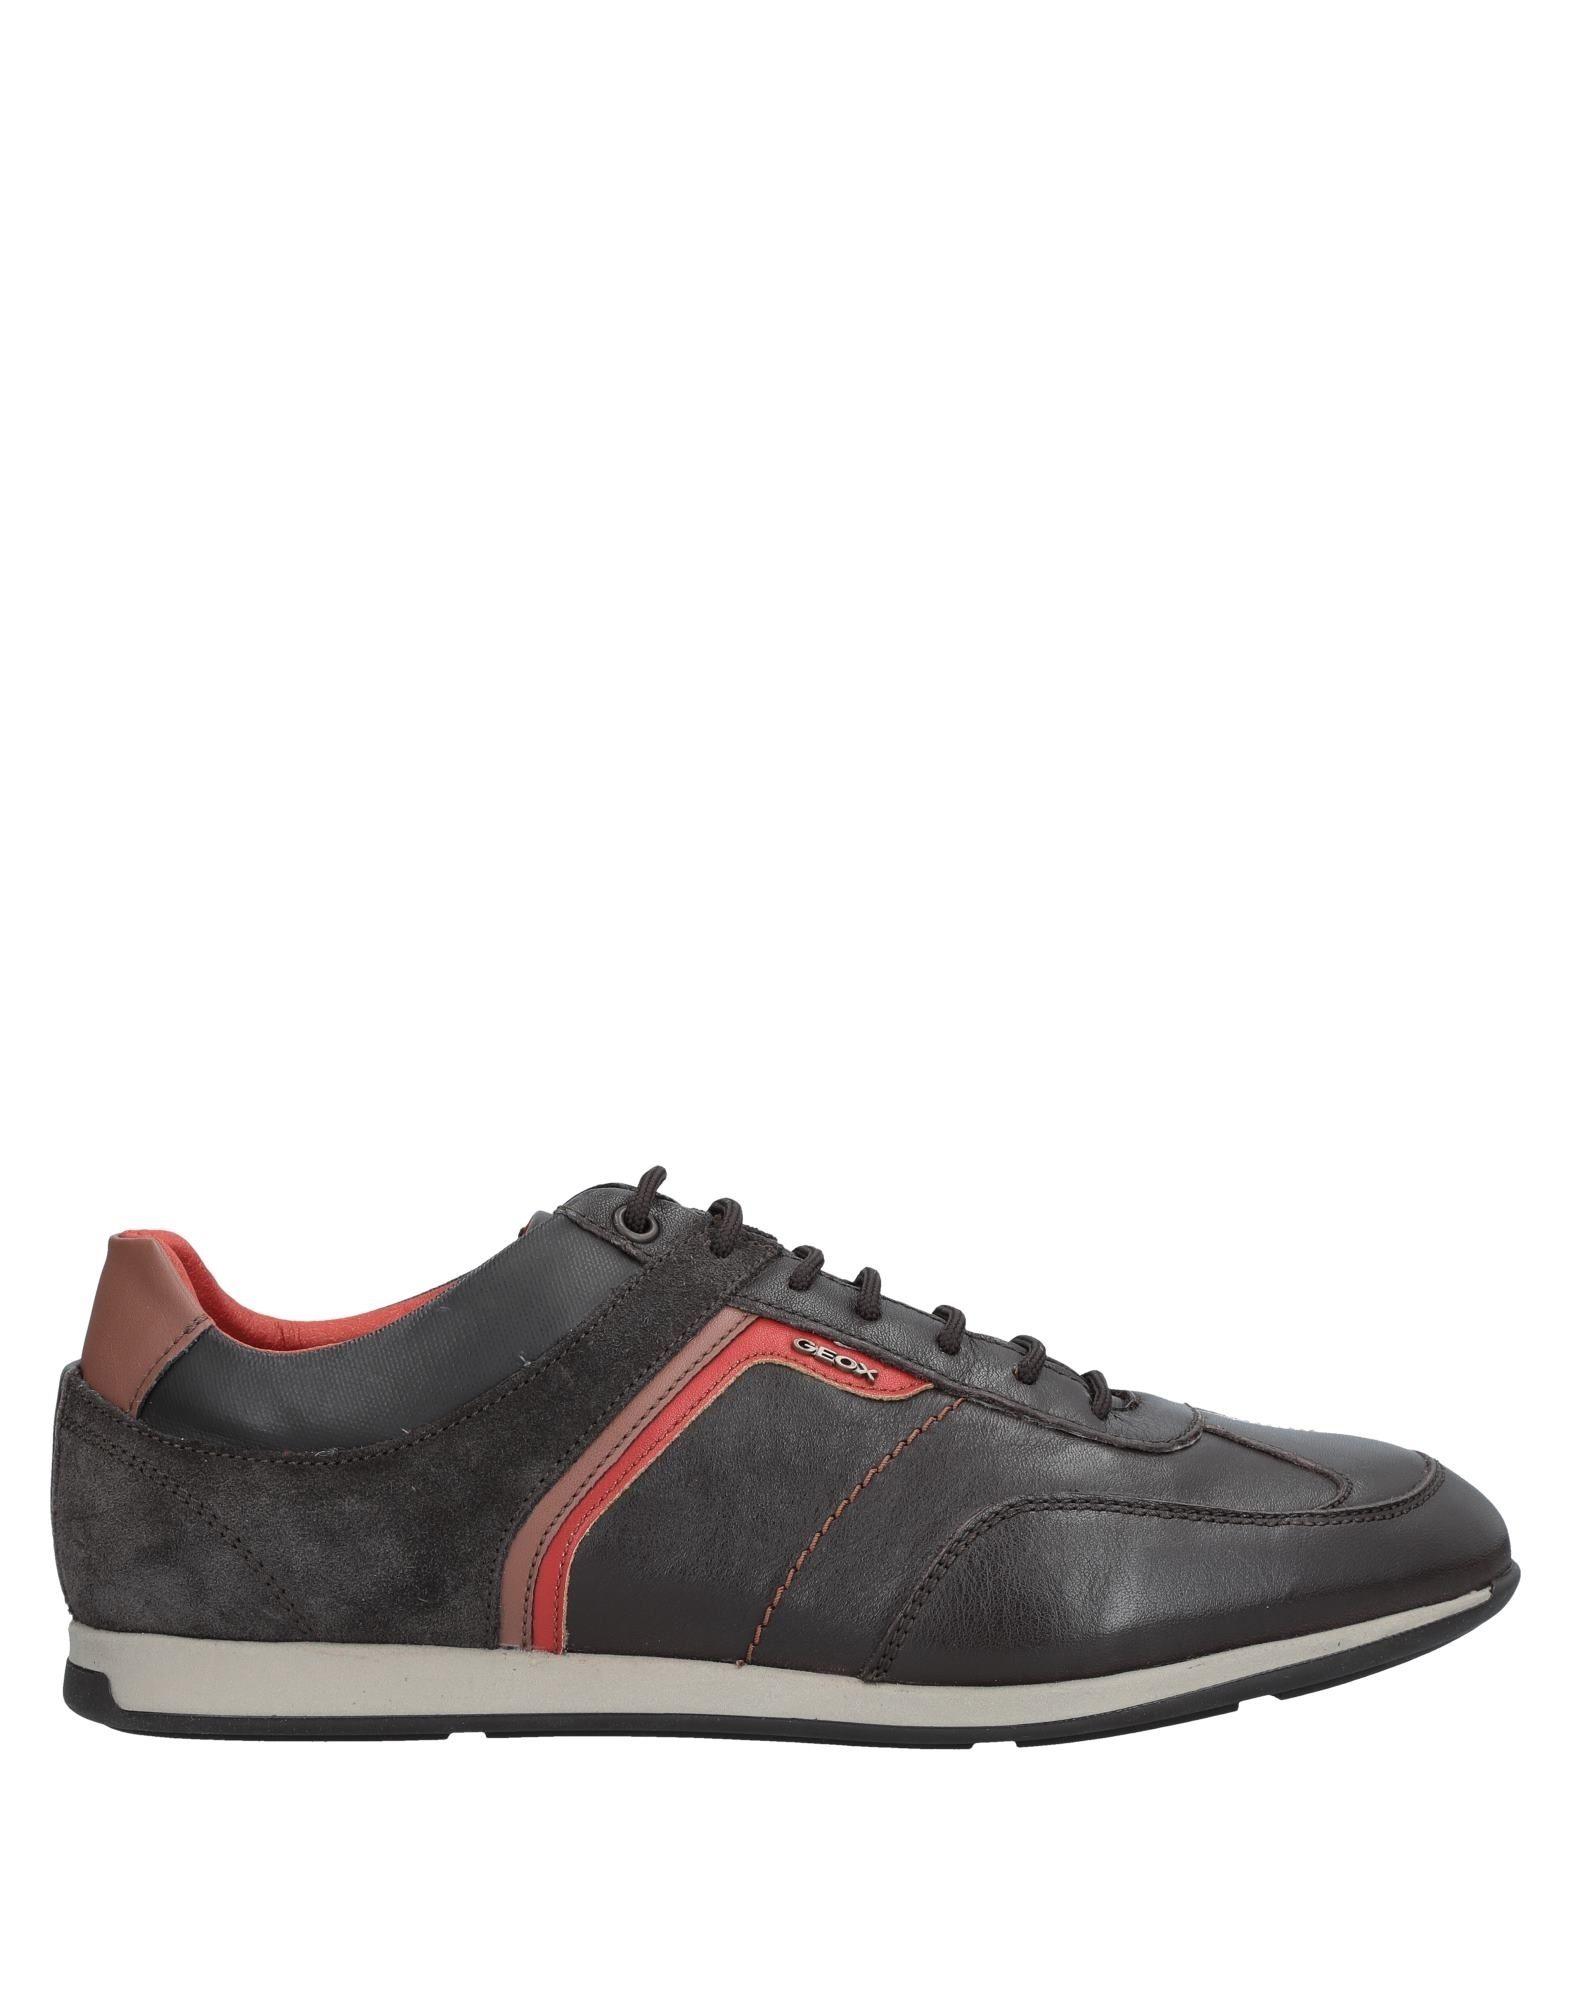 Geox Sneakers Herren Gutes Preis-Leistungs-Verhältnis, es lohnt sich 11924